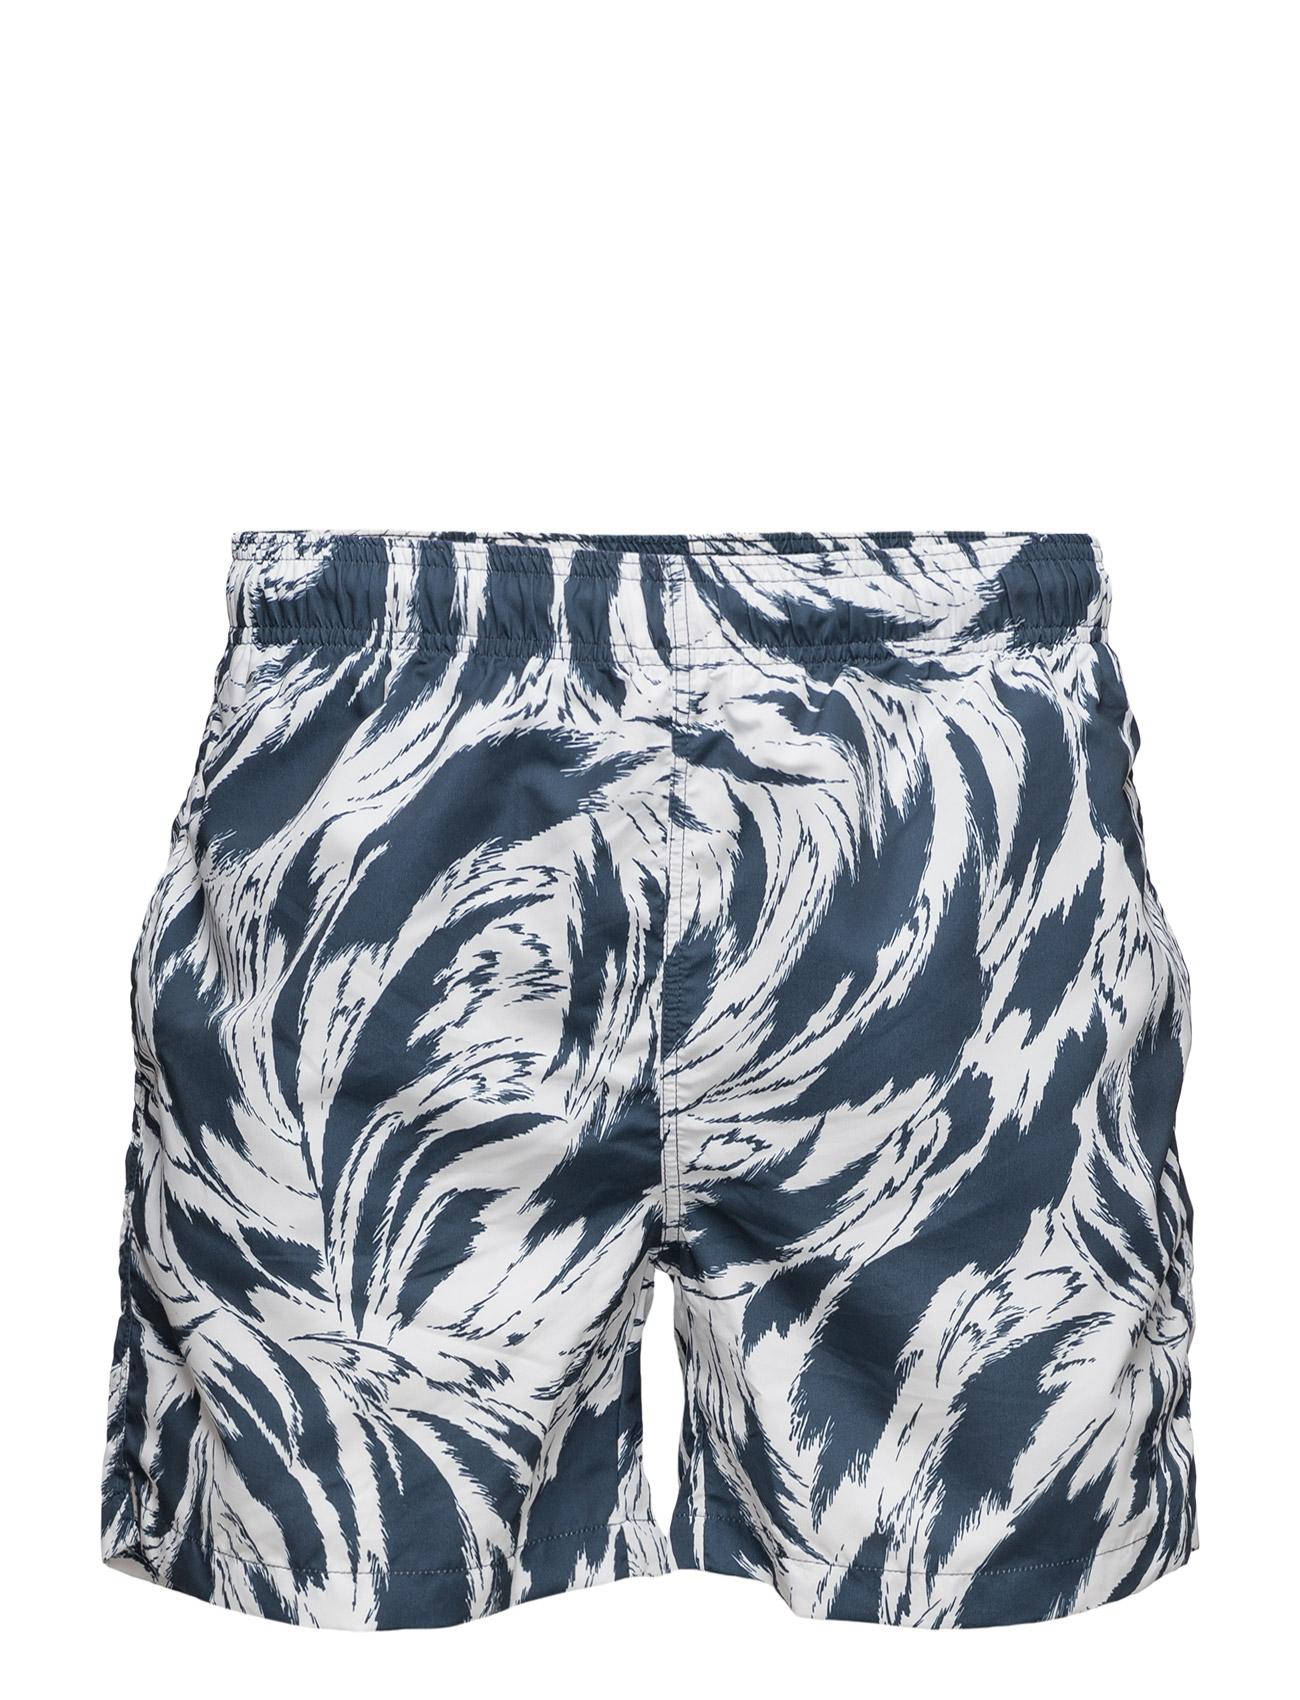 Windy Feather Swim Shorts C.F GANT Shorts